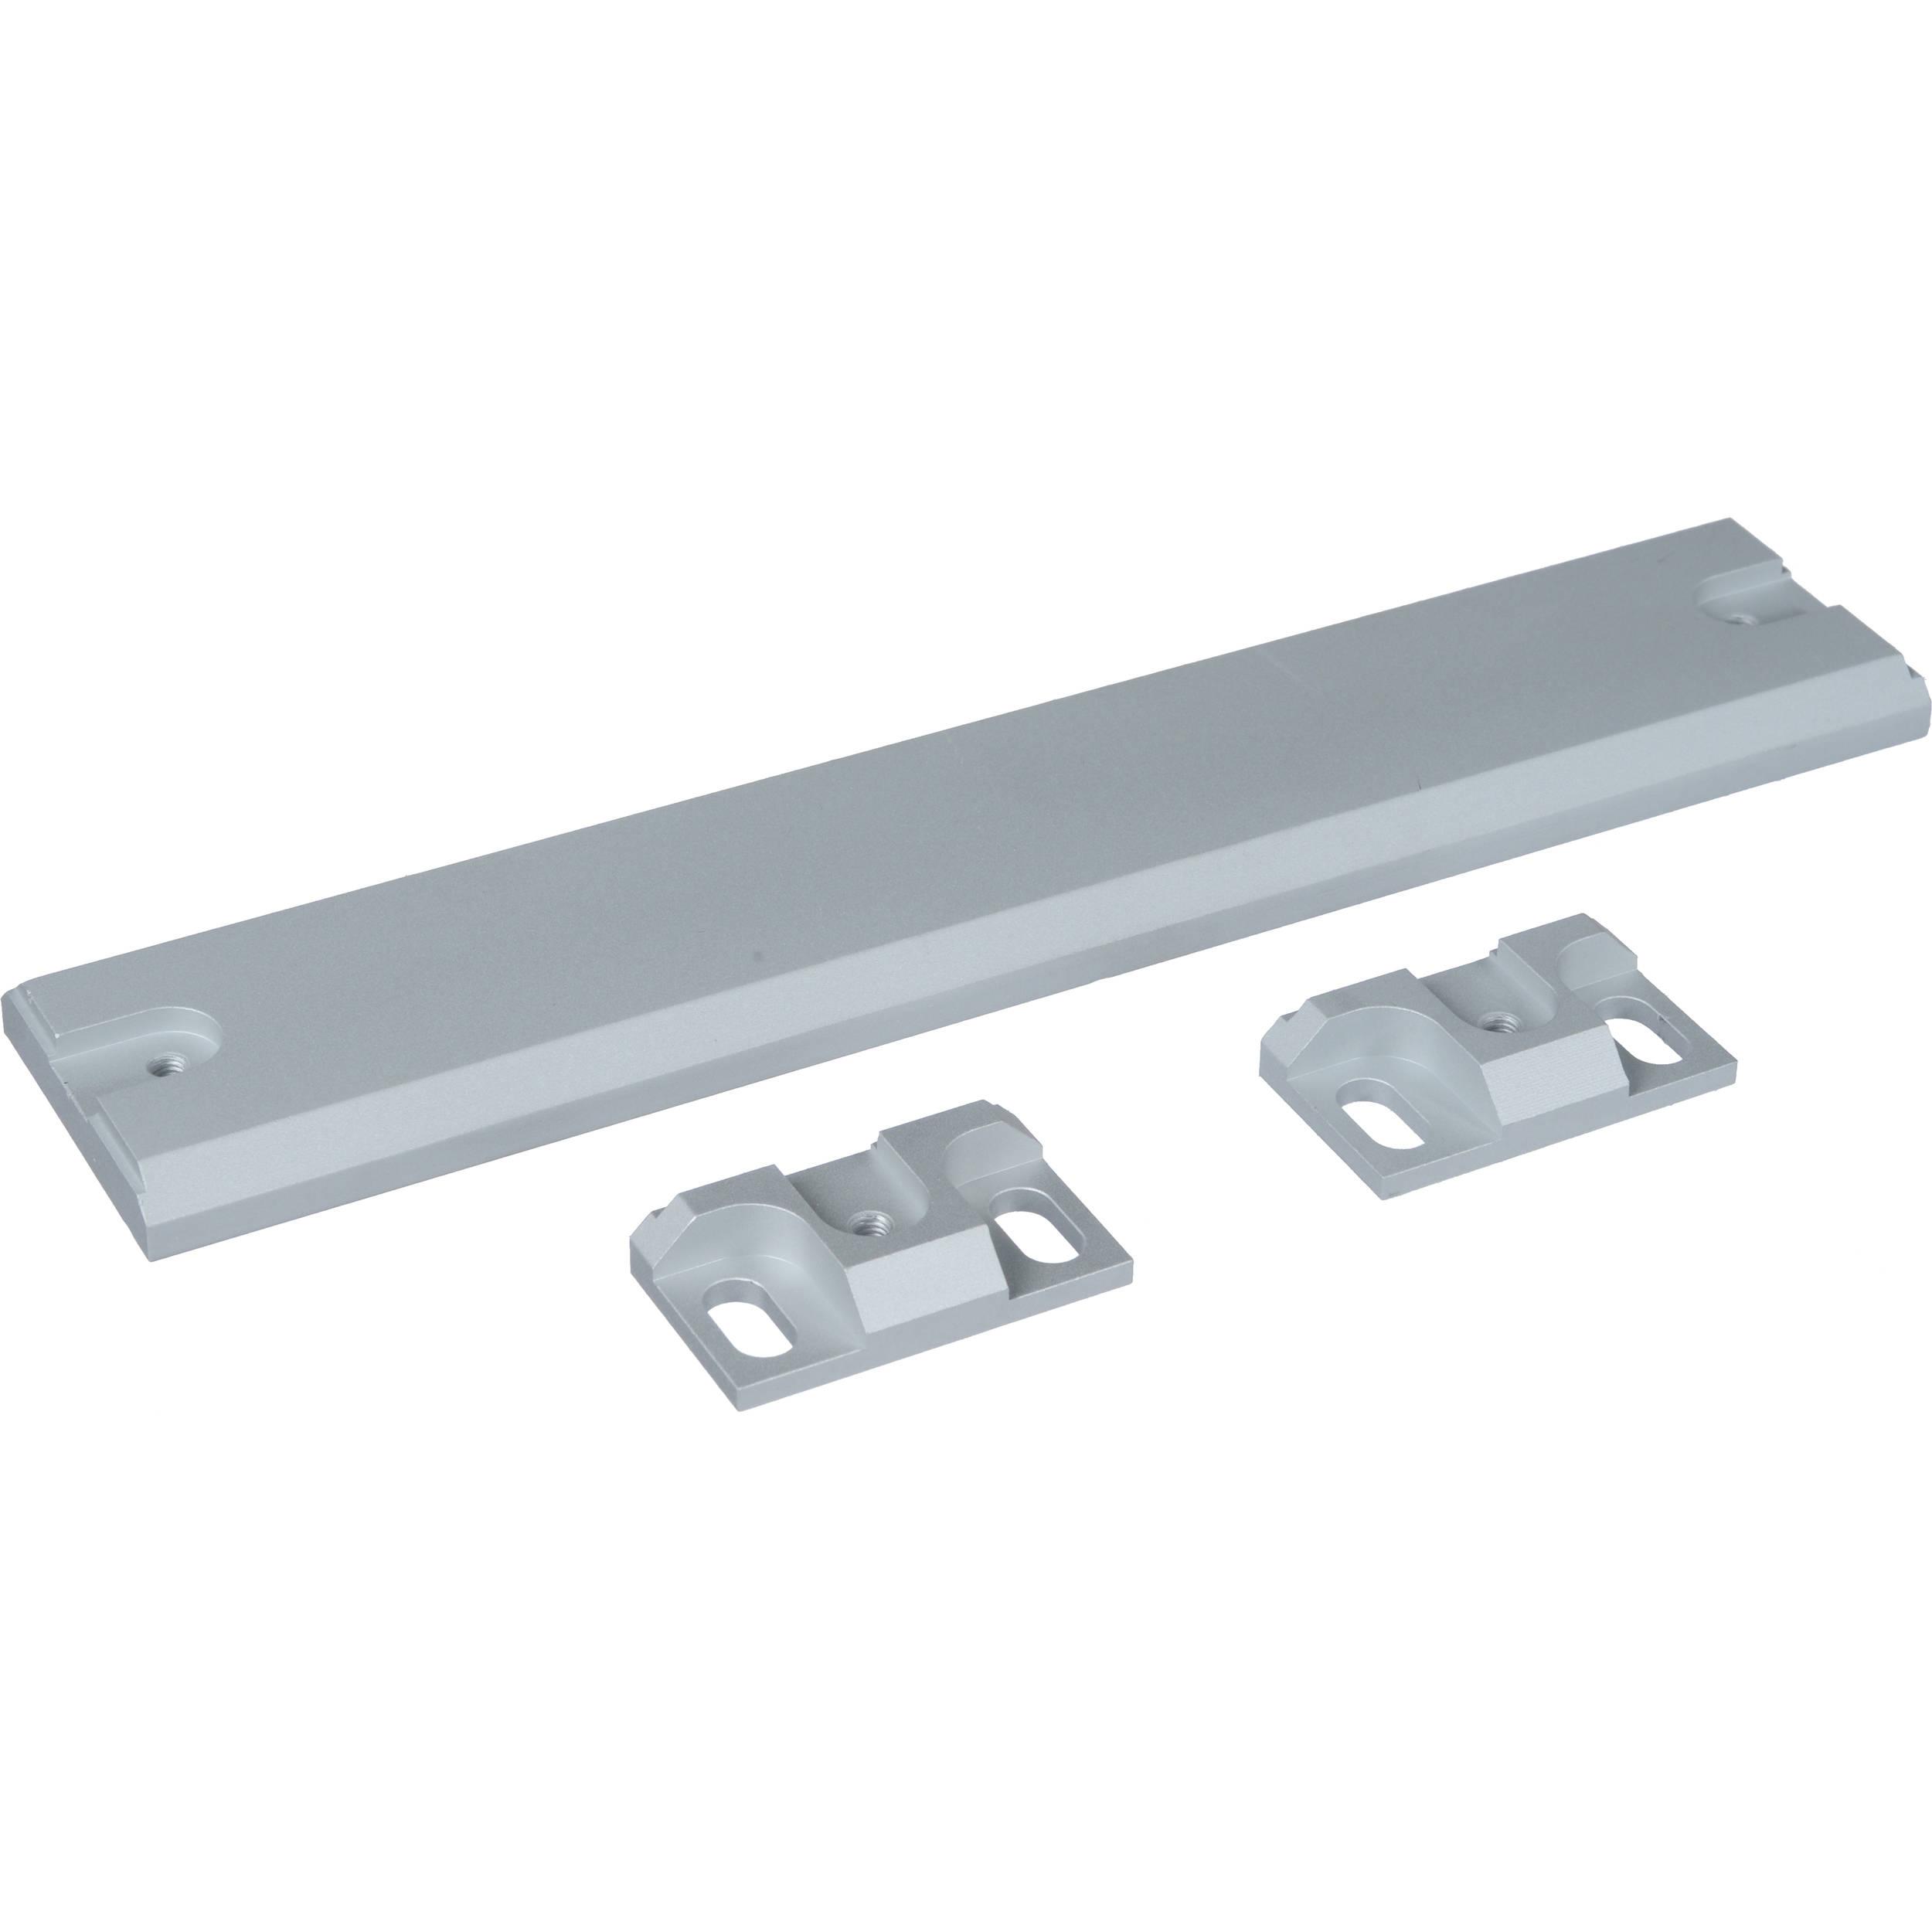 124B Aphex 45-008B Silver Rack Kit for Models 120B 141B